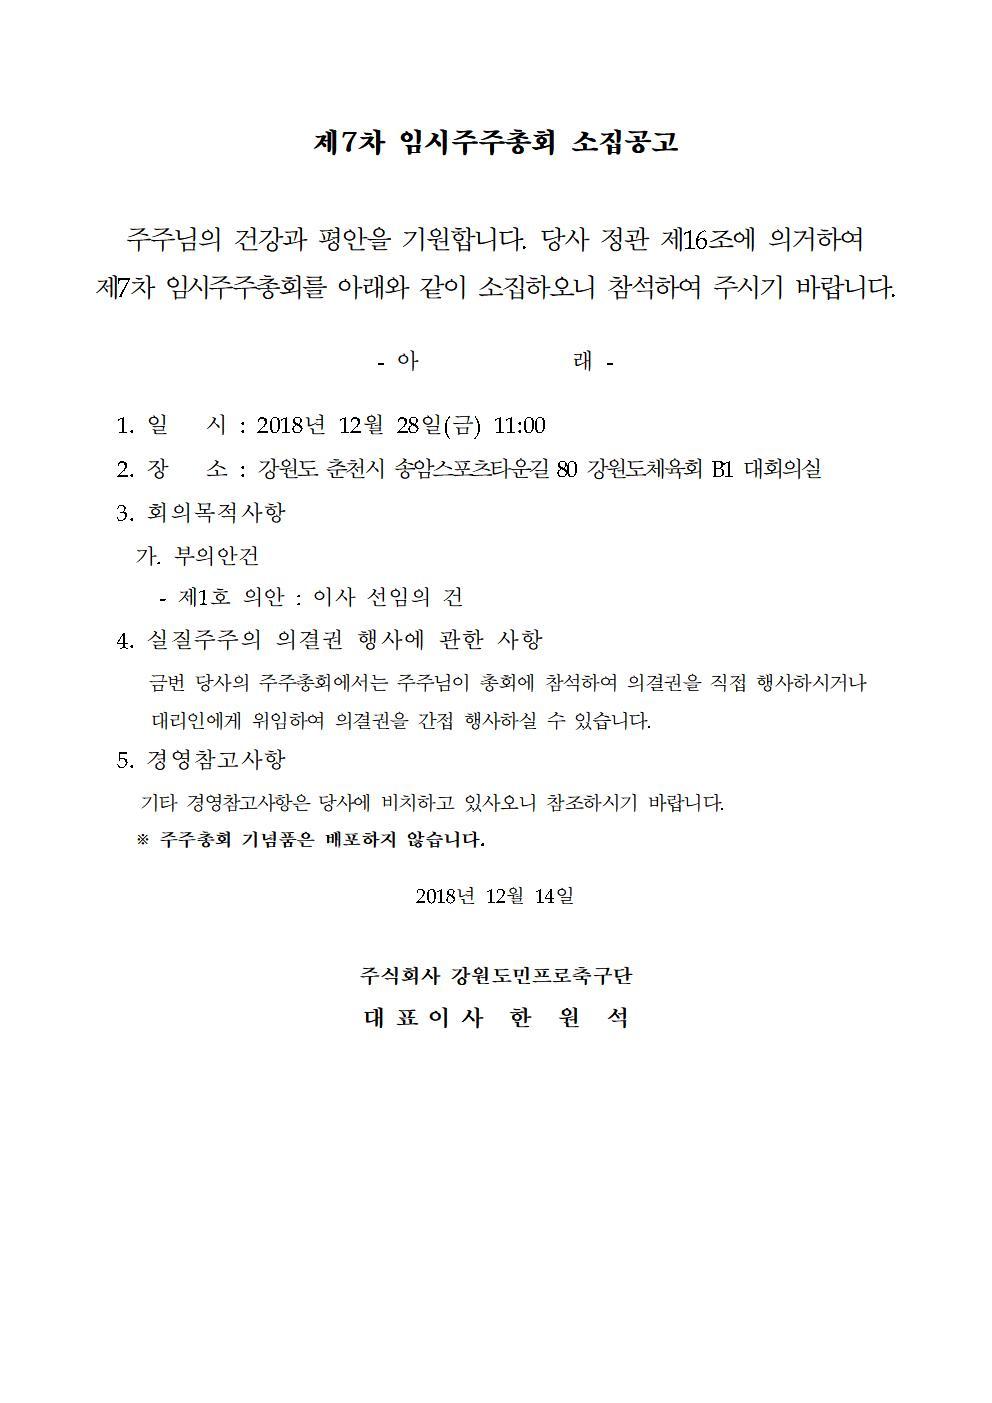 [제7차 임시주주총회 소집공고]